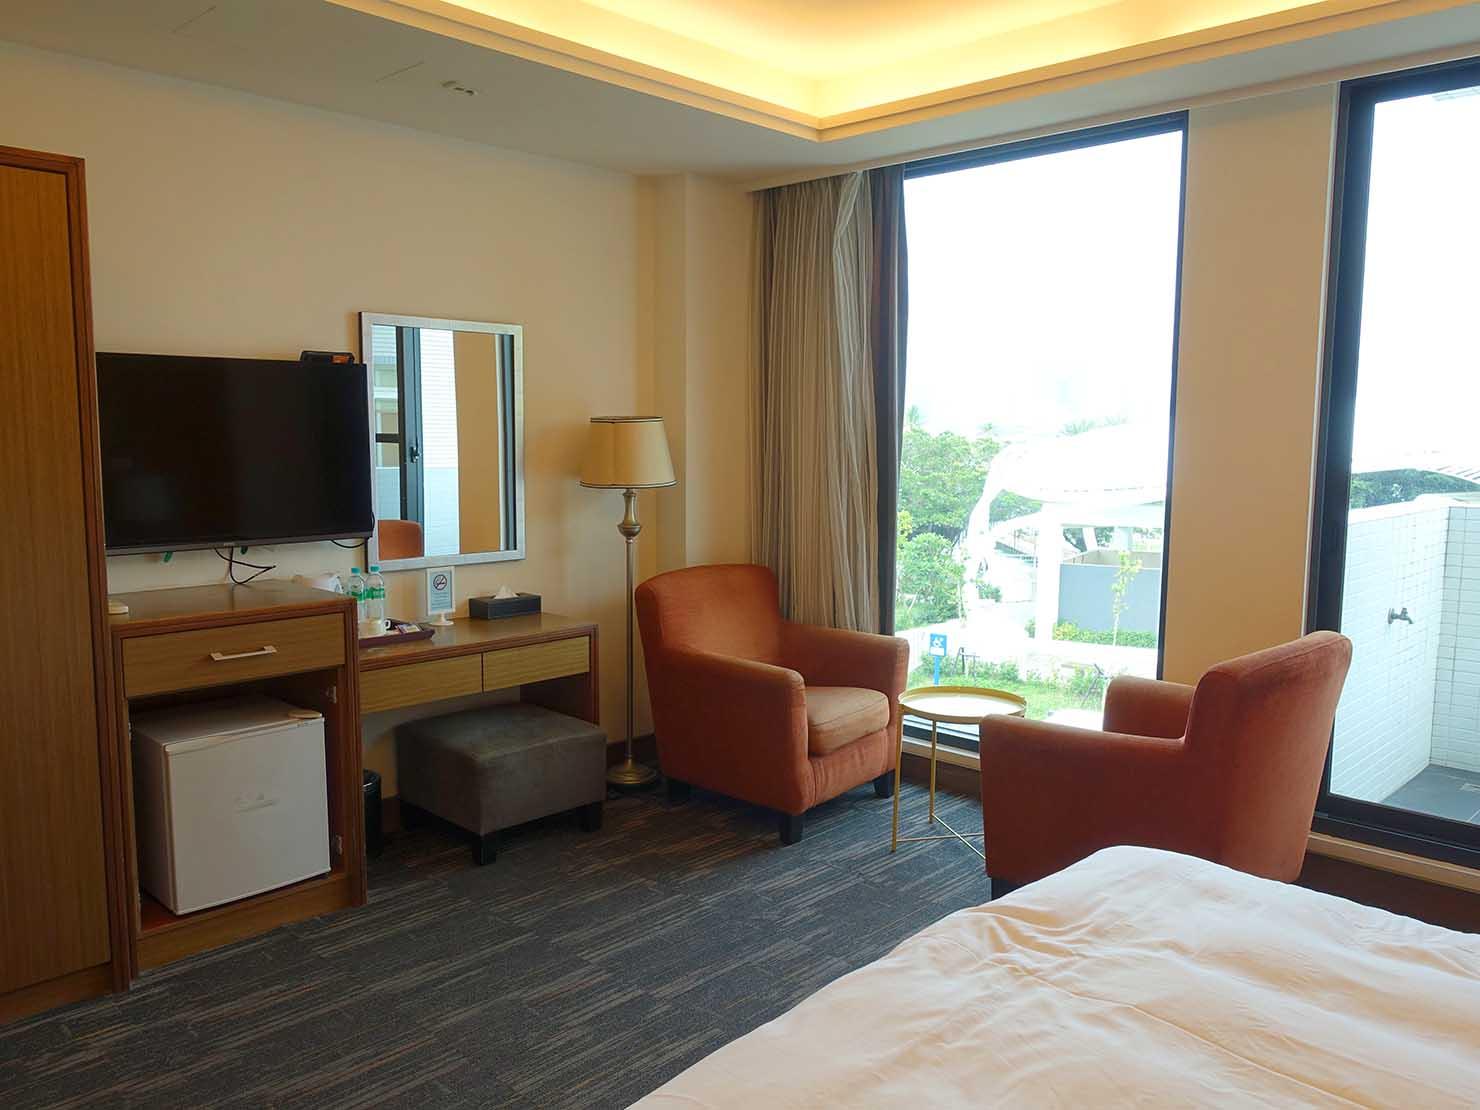 高雄・西子灣の港に立つ海辺のホテル「碧港良居 Watermark Hotel」ベッドから見た海景豪華房